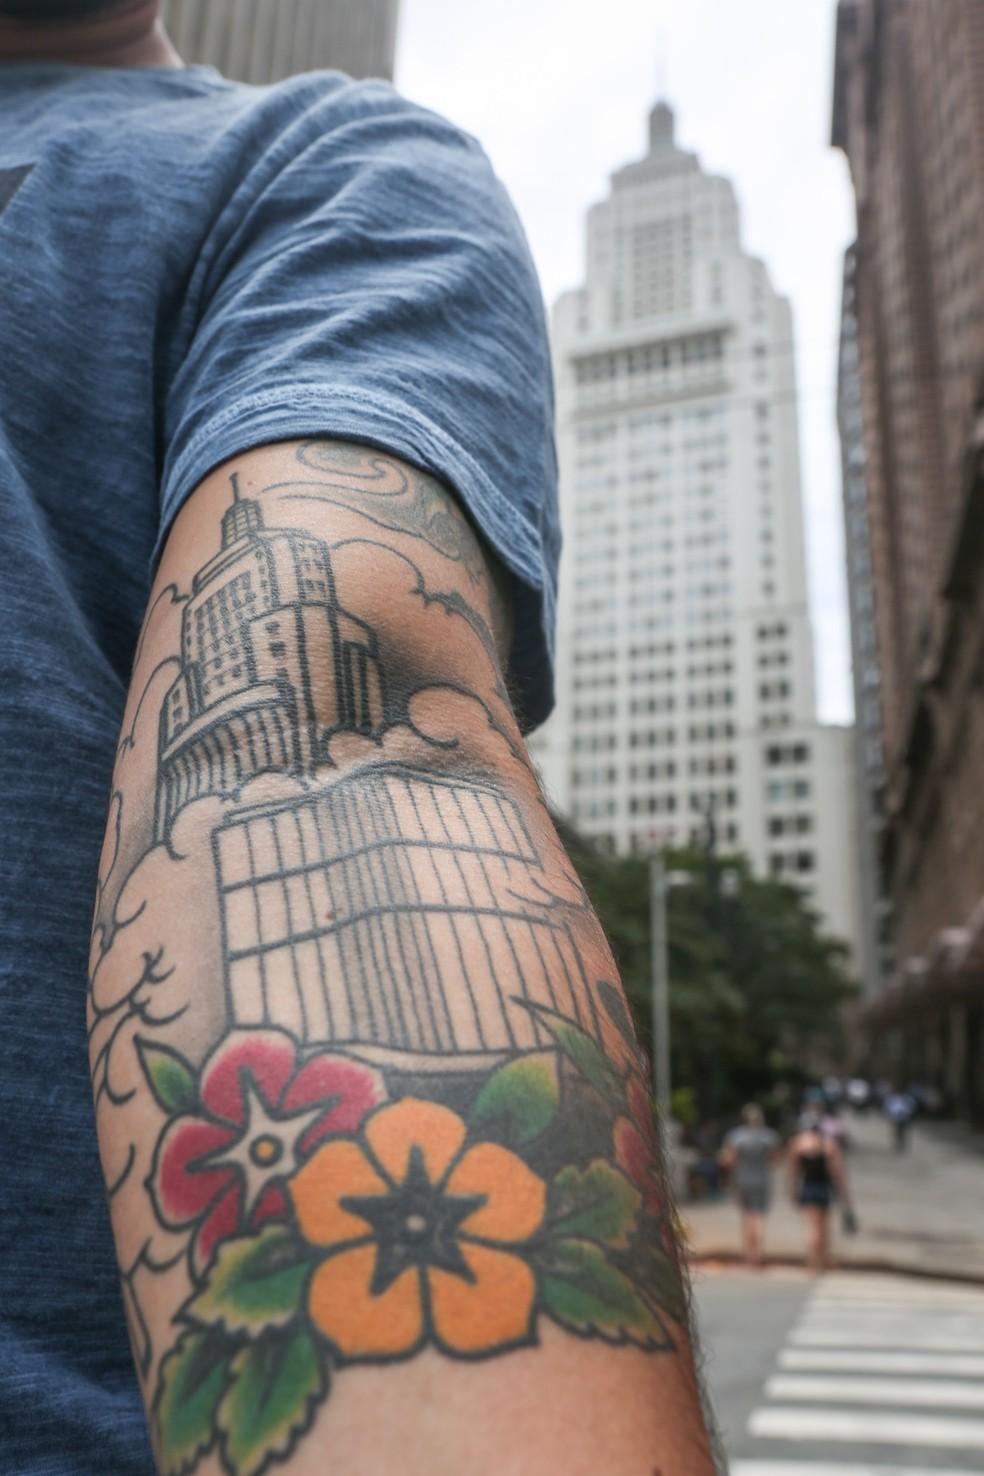 Além do arranha-céu, a tattoo de Leandro inclui um desenho do Copan e, mais acima, uma praia em referência a Santos, sua cidade natal (Foto: Fábio Tito/G1)